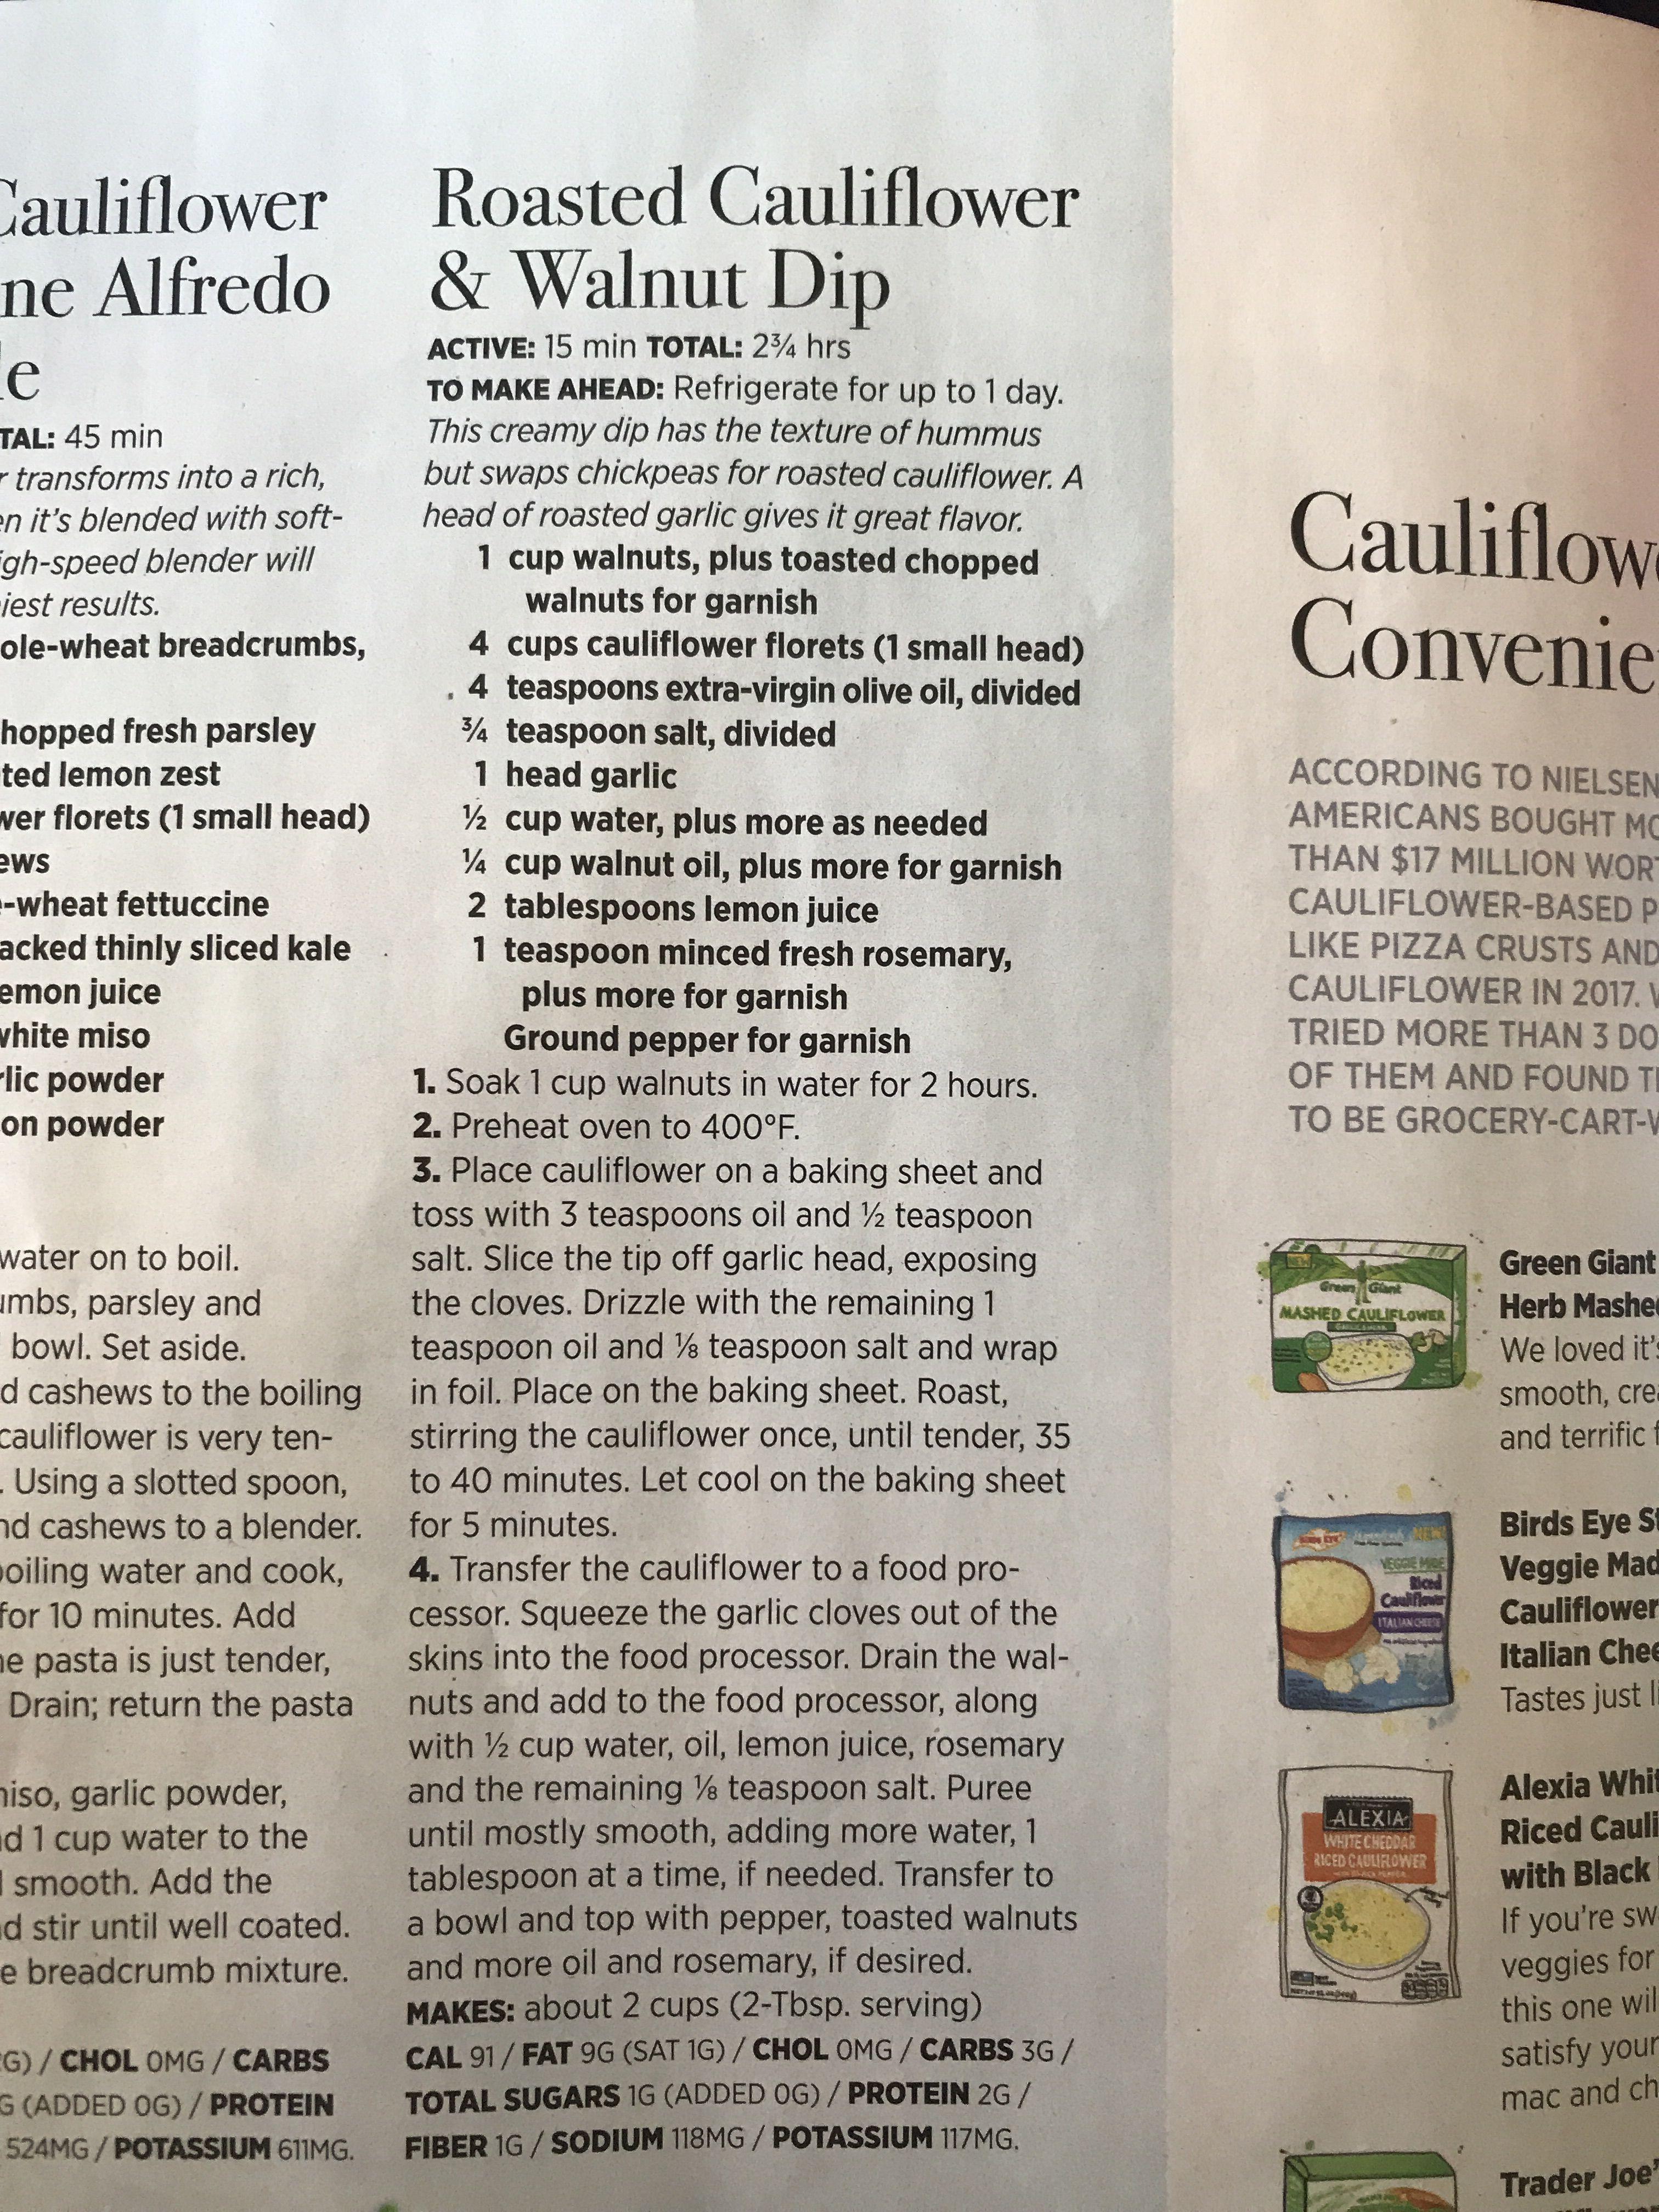 Naked Recipe: Cauliflower Stuffed Zucchini - Naked Food